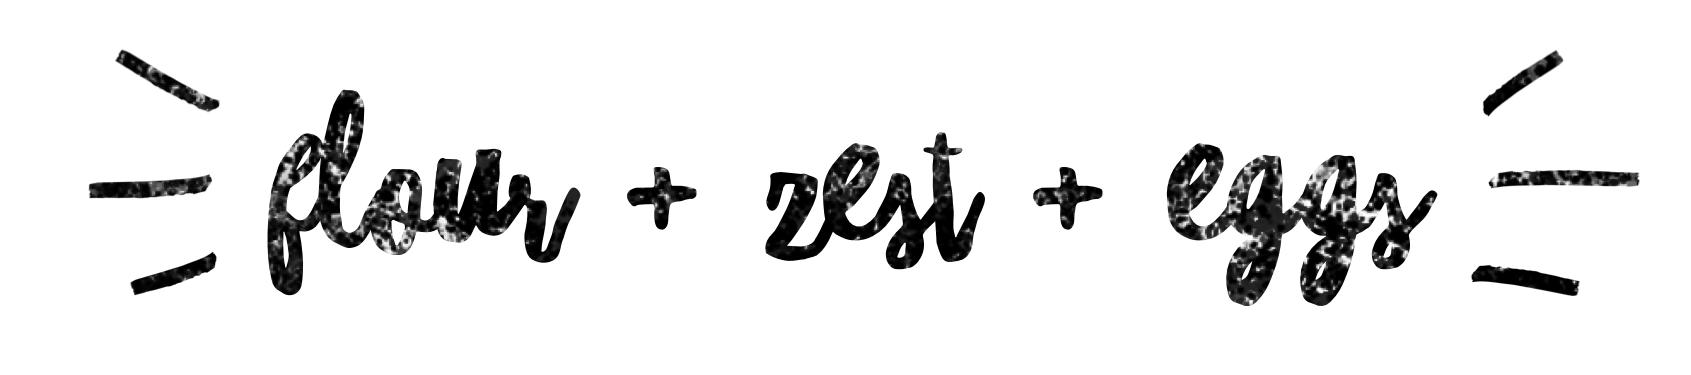 choux-logo1.png